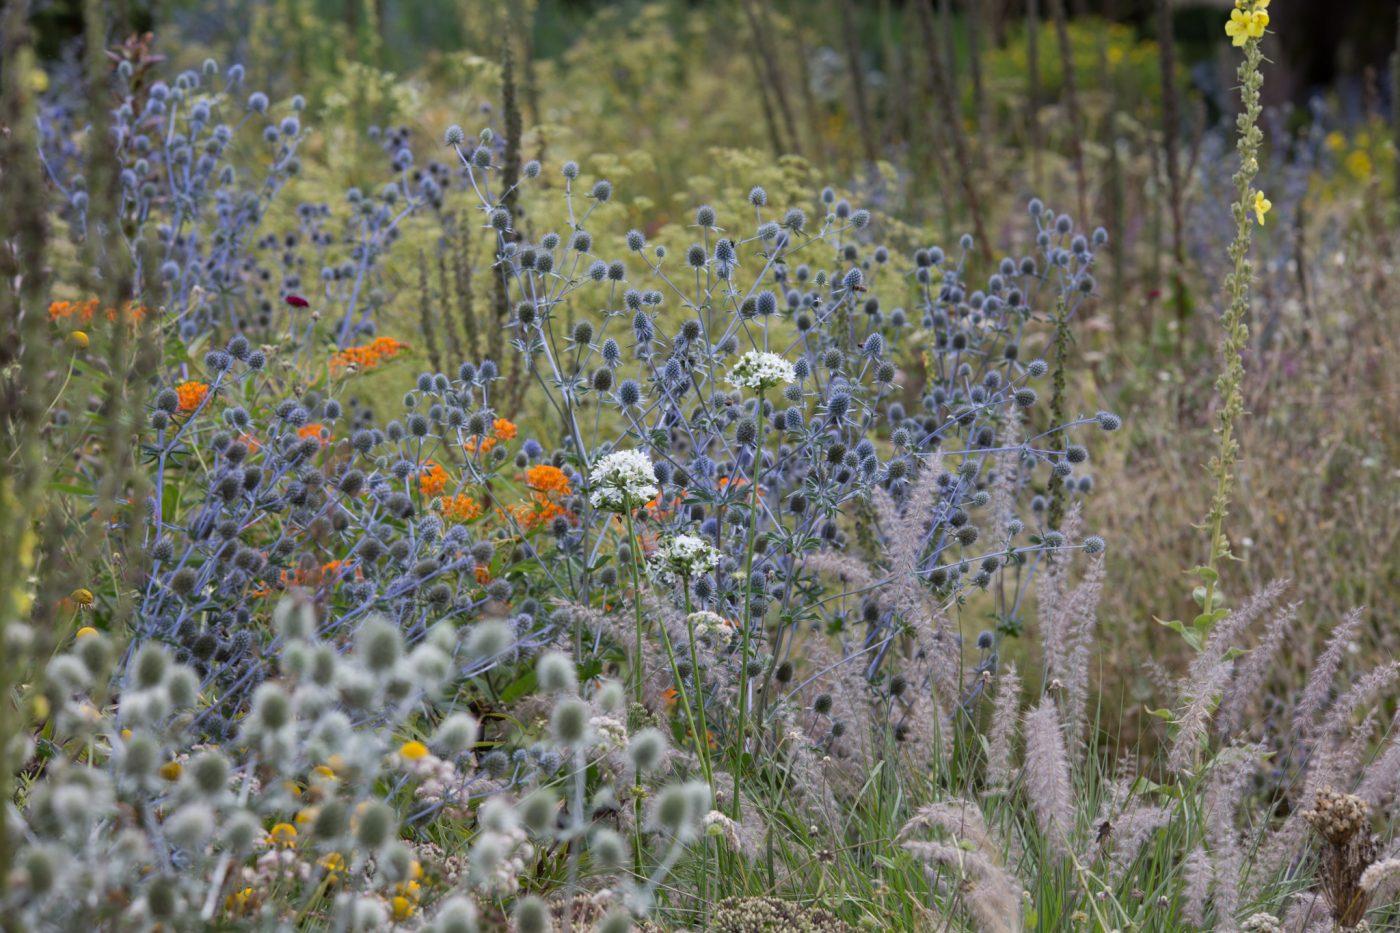 Trockenbeet in Weihenstephan mit Eryngium, Allium, Pennisetum orientale und Asclepias als orange Farbklecks